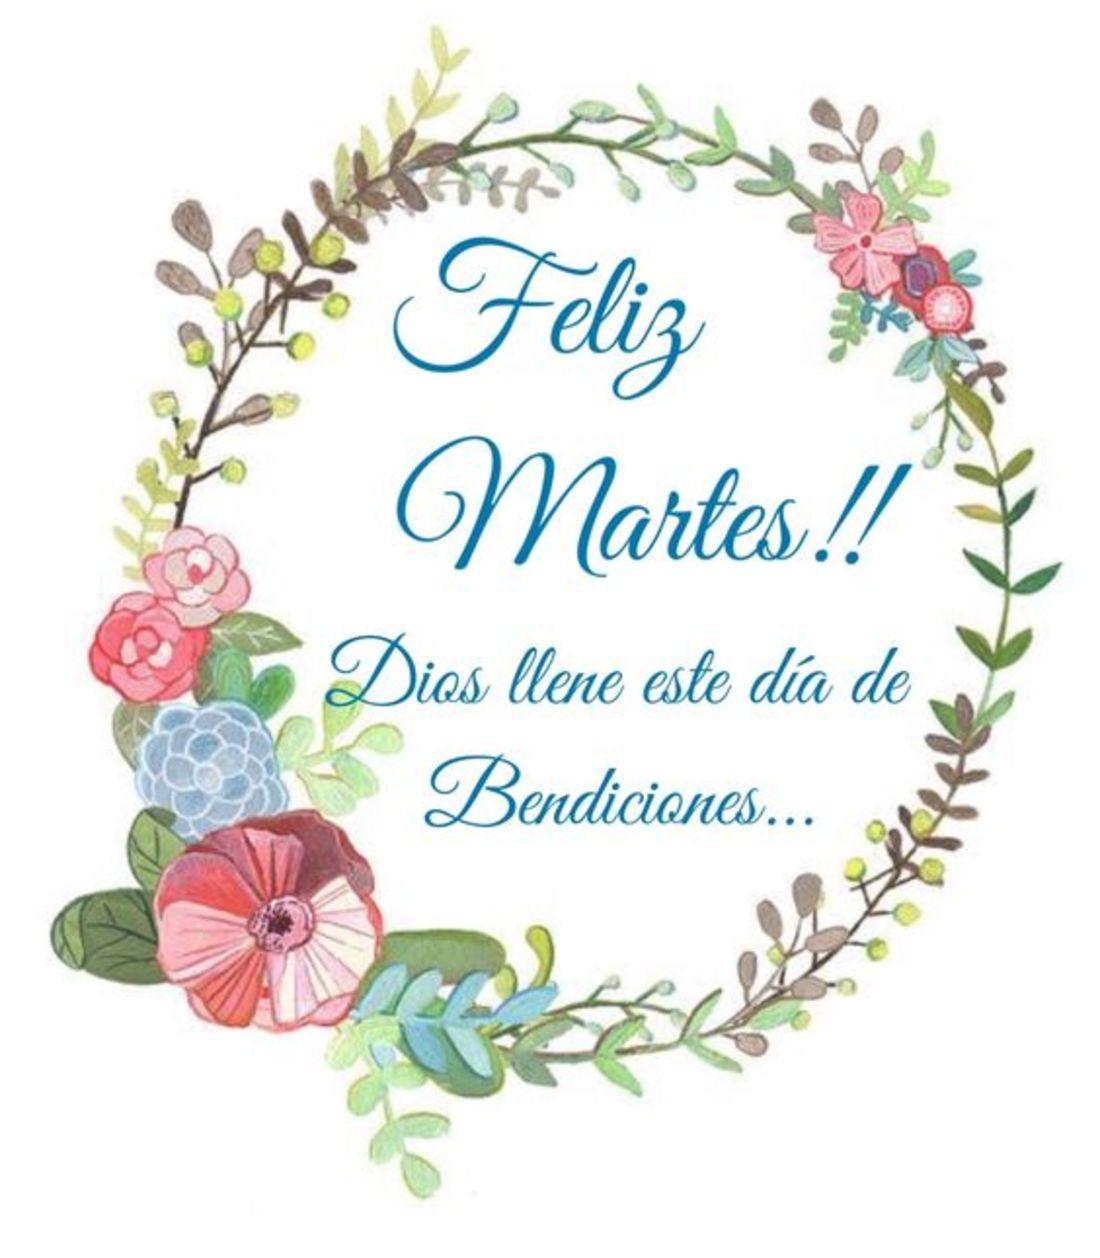 Feliz Martes!!! Dios llene este dia de bendiciones!!